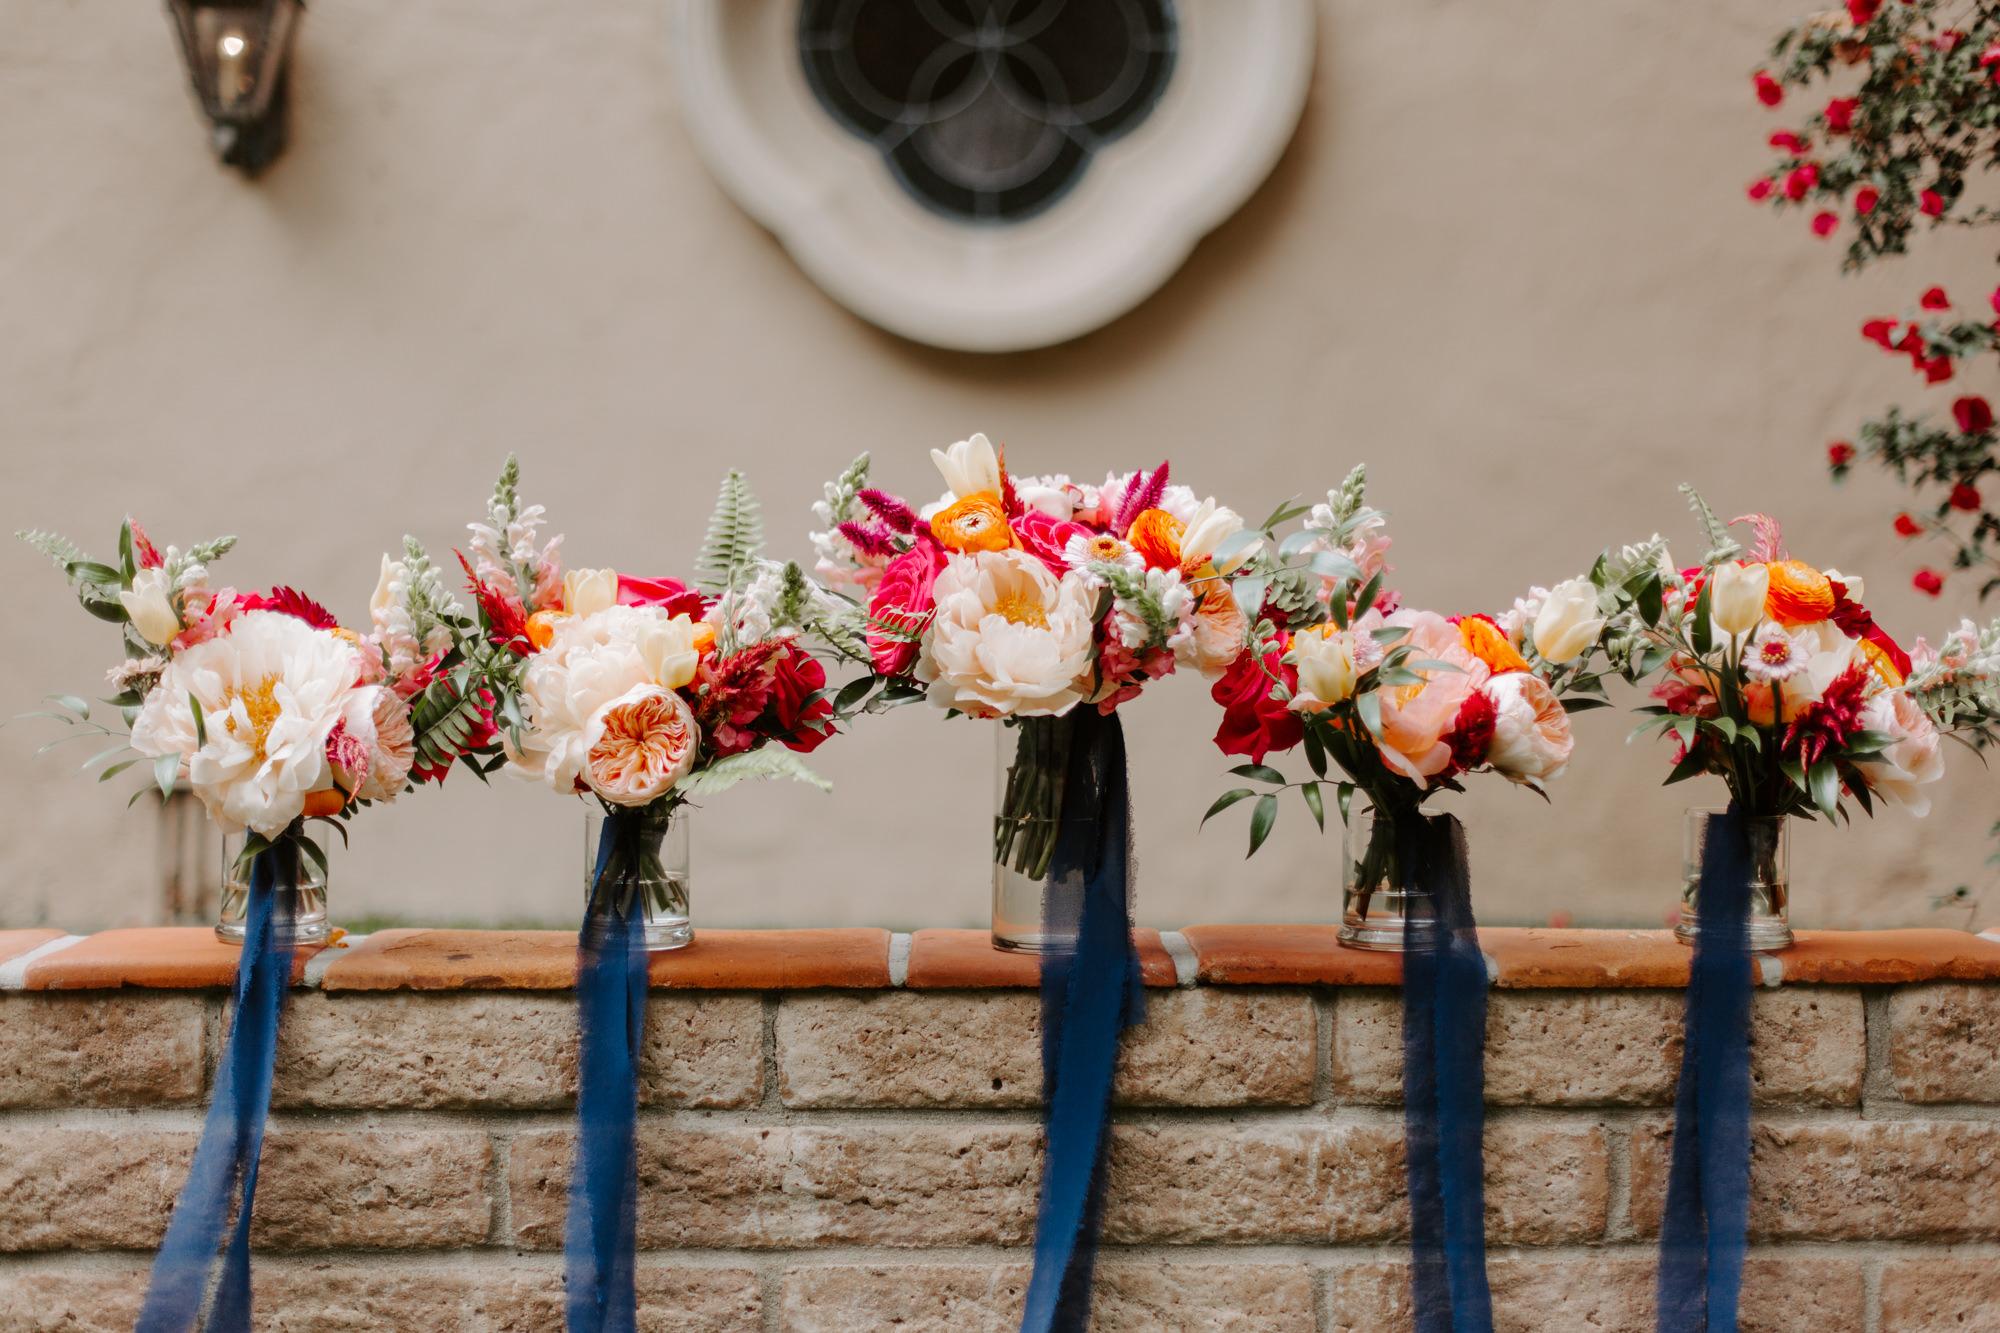 Rancho bernardo Inn san deigo wedding photography0010.jpg